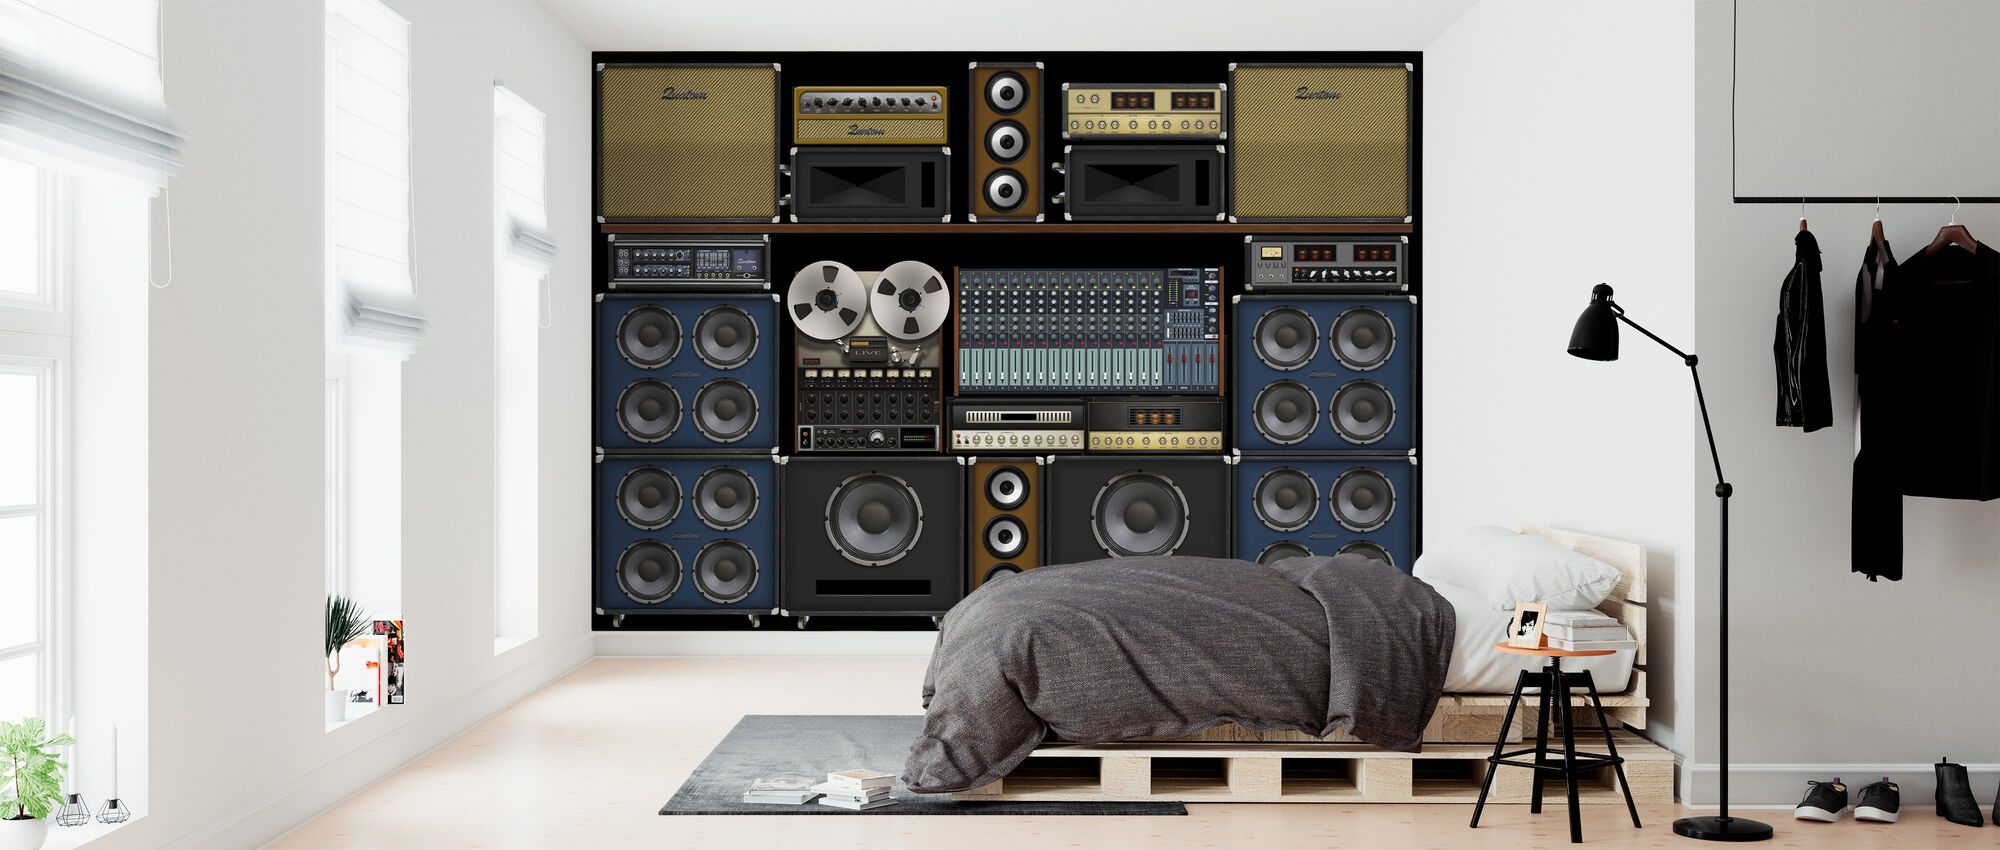 Studio Wand - Tapete - Schlafzimmer